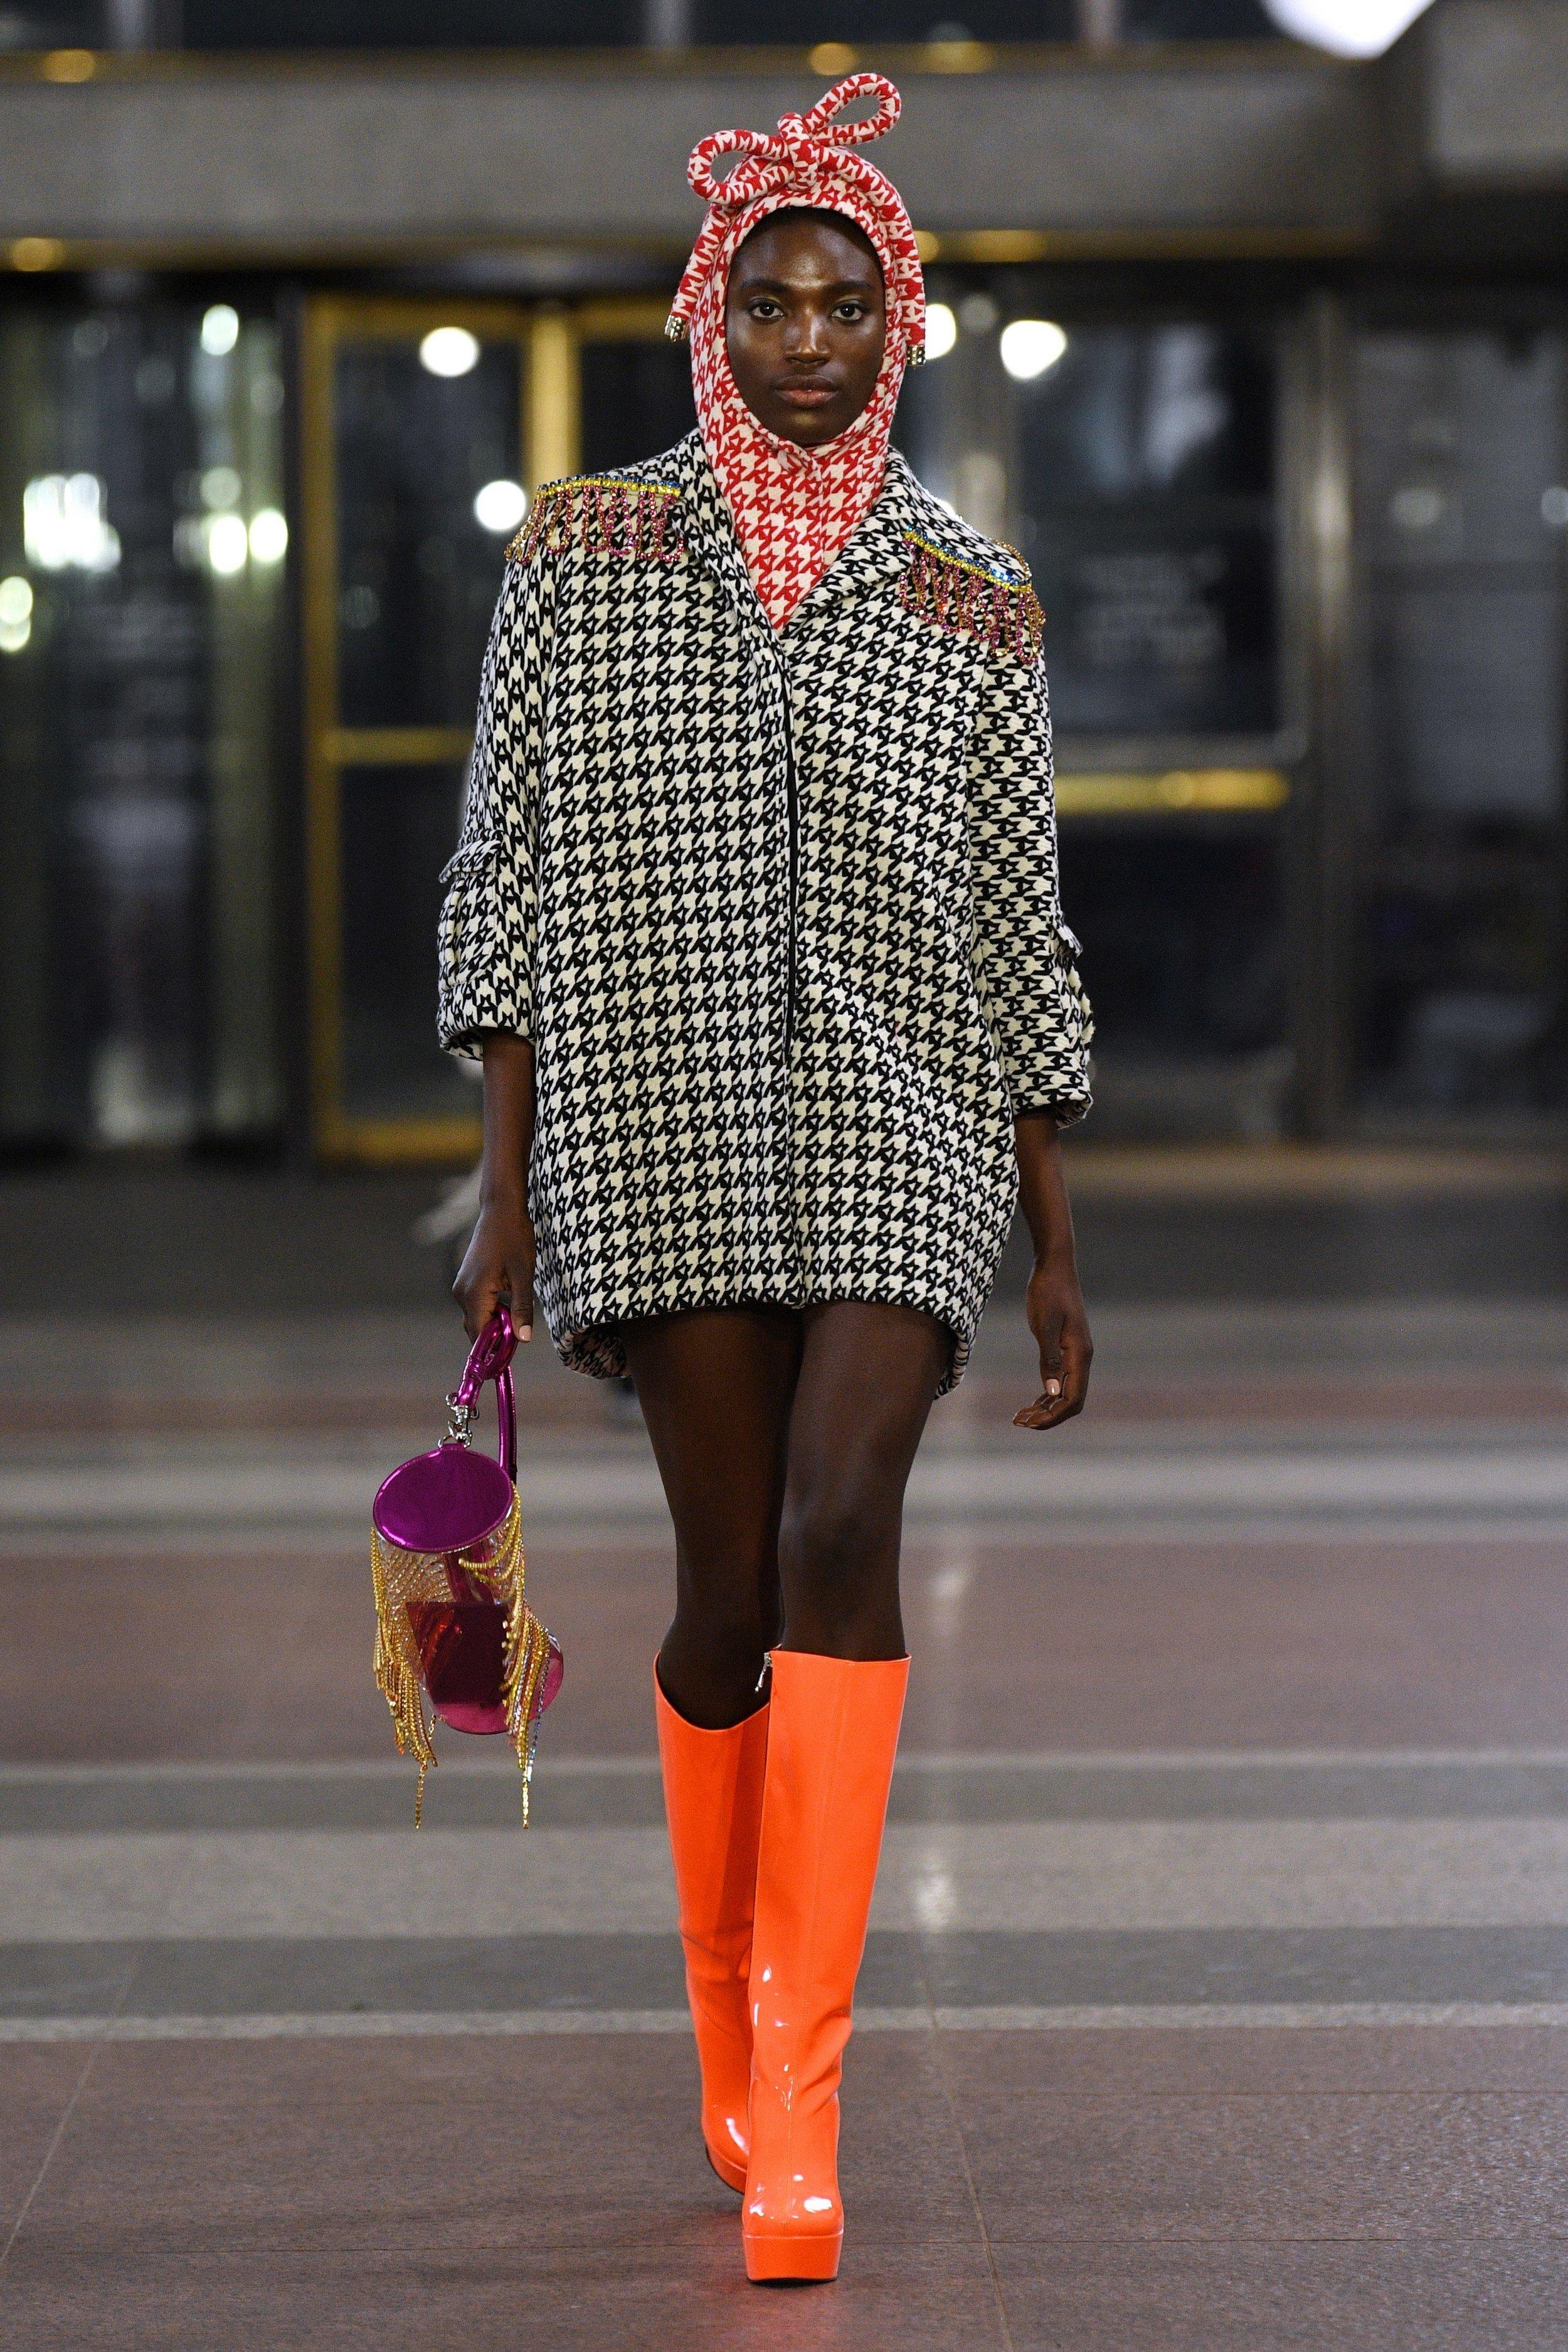 Photo: Mitchell Sams for Vogue.com